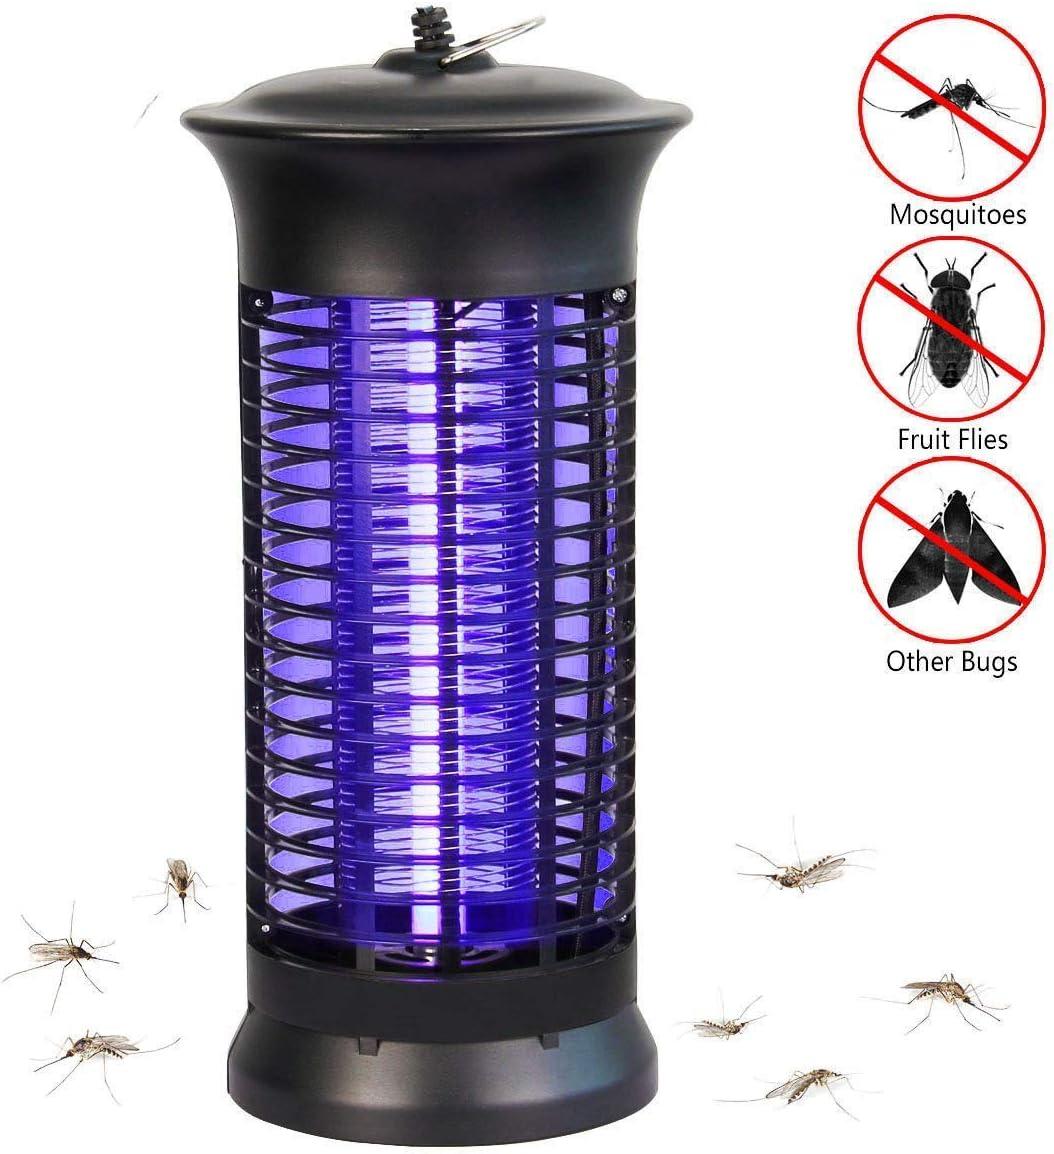 Amazon.com: NoBug Bug Zapper eléctrico para interior con luz ...